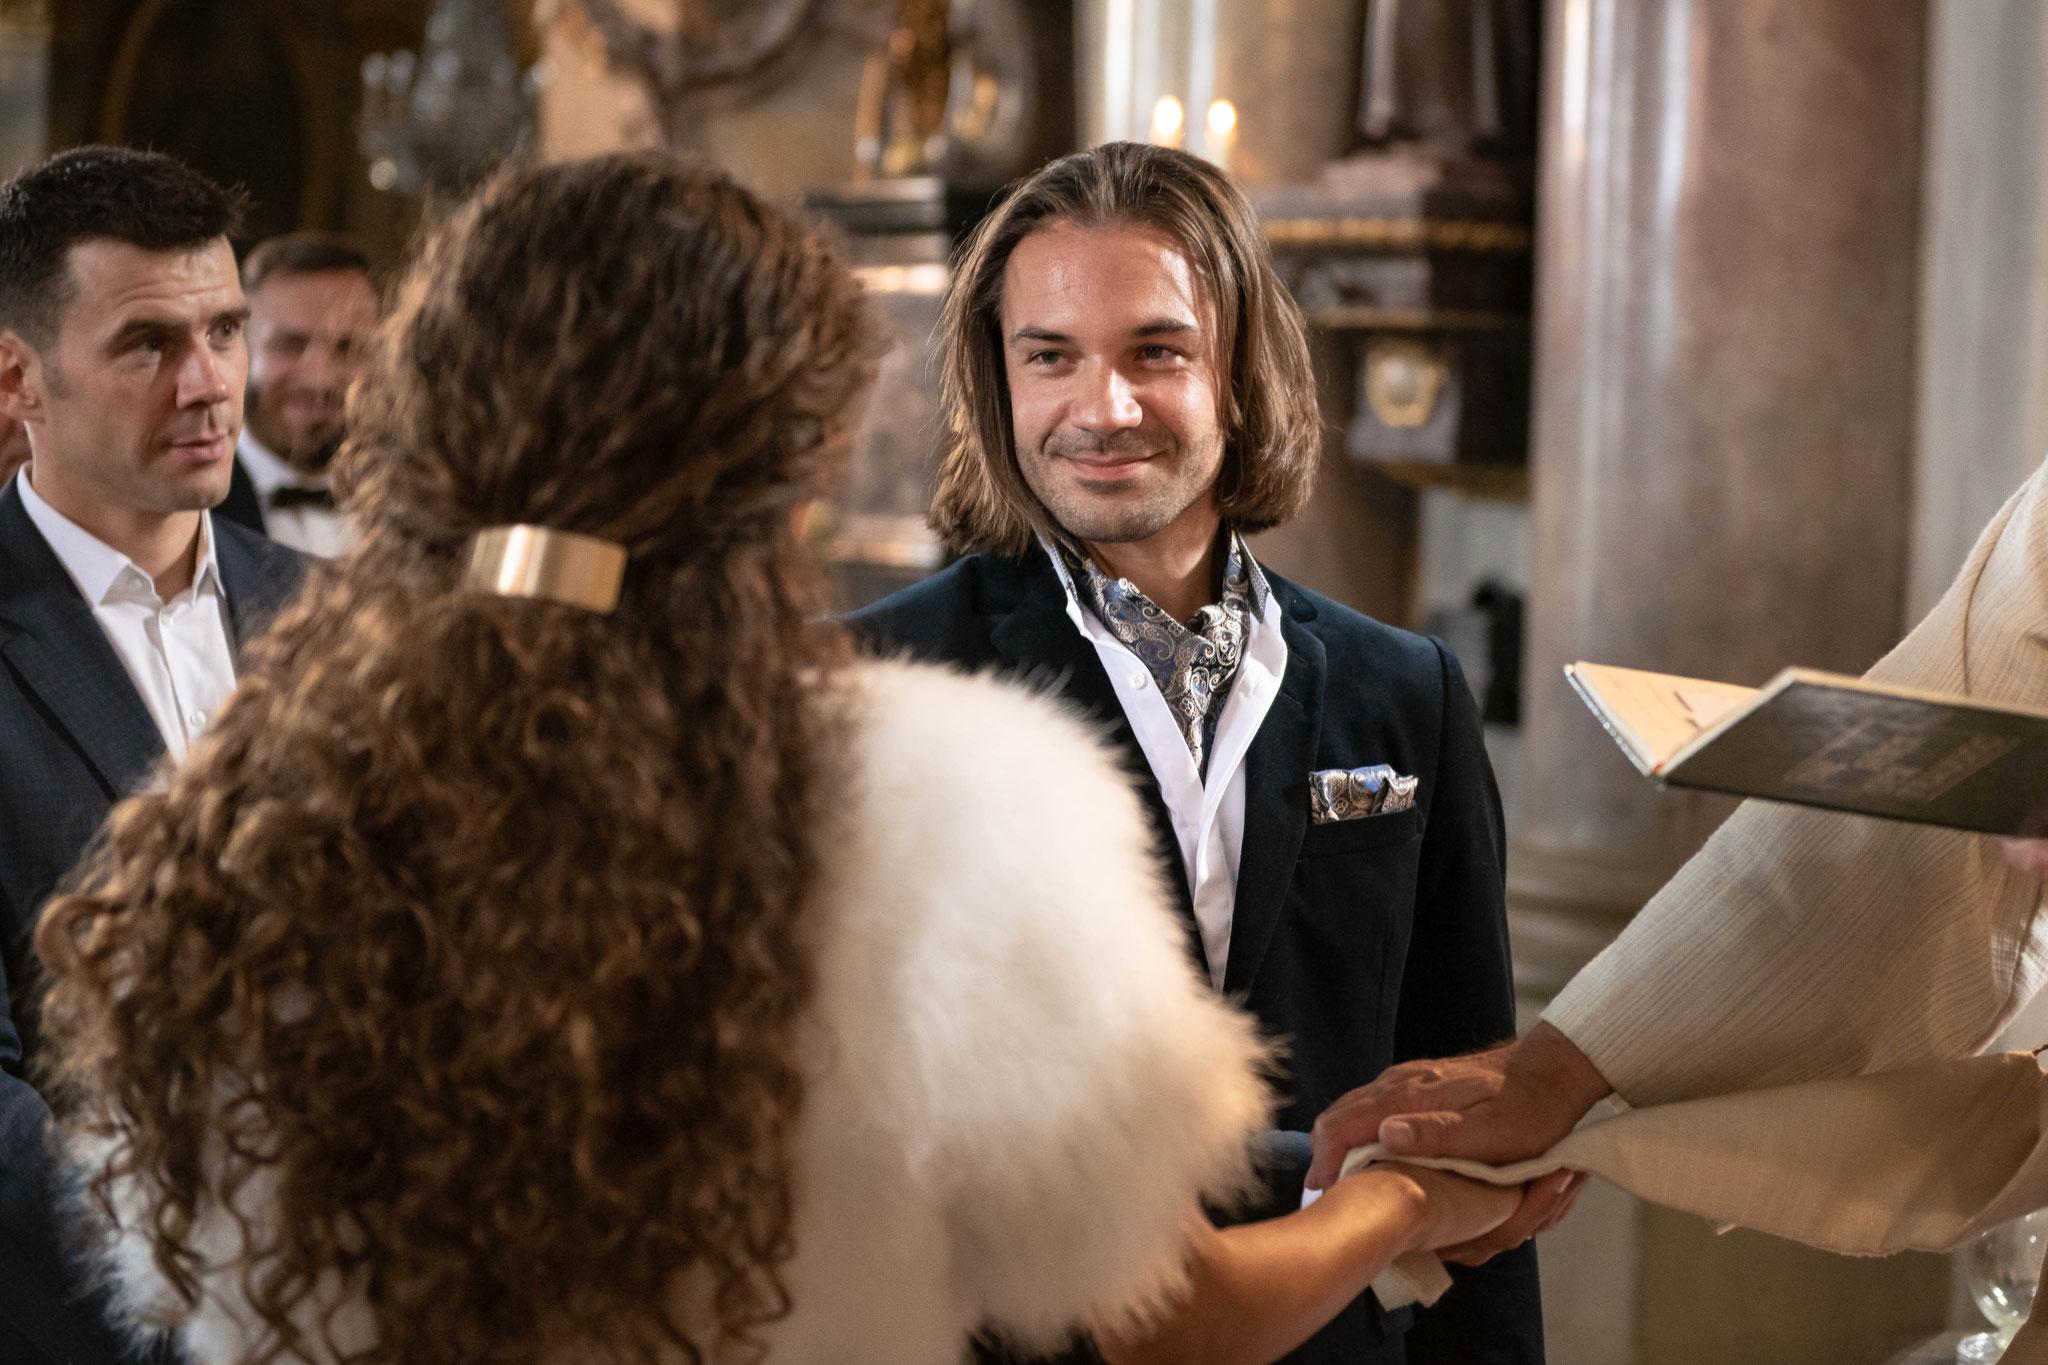 Fotograf für russisch deutsche Hochzeiten in Würzburg und Deutschlandweit